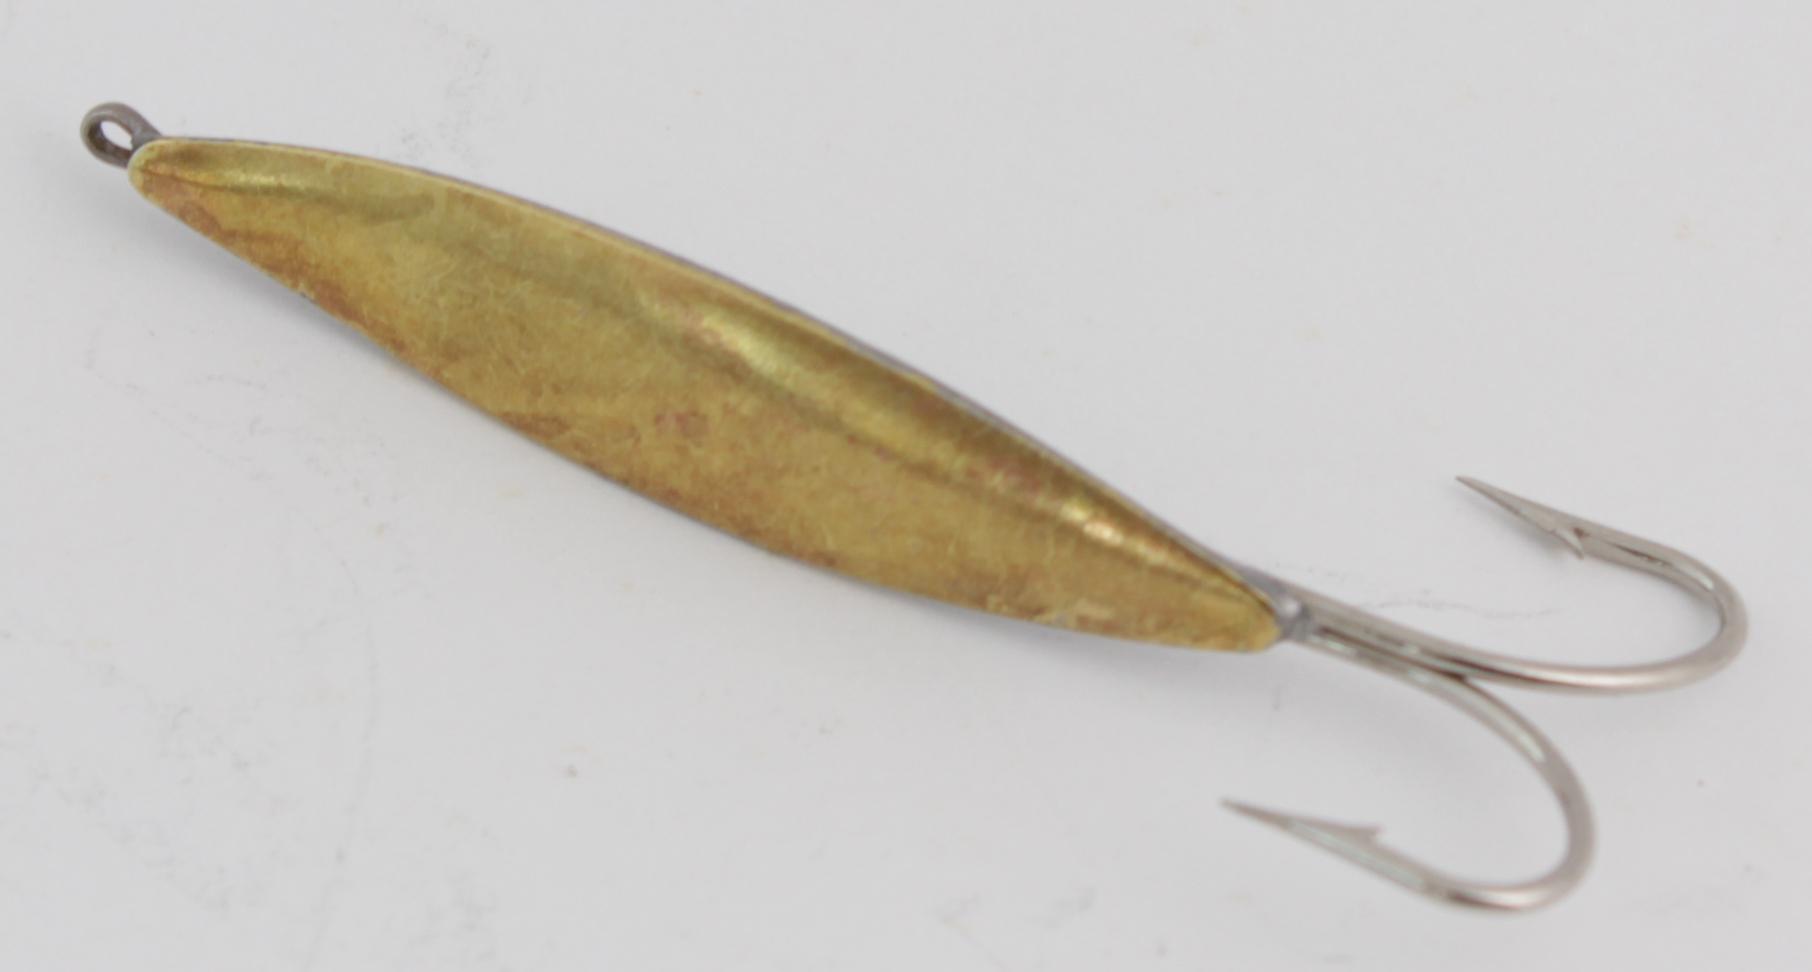 Блесна зимняя DIXXON-RUS Симметрия-2 (лат.) 2.7гр Блесны зимние<br>Блесна для отвесного блеснения рыбы. Оснащена <br>впаянным двойным крючком. Вес - 2,7 г Цвет <br>- латунь<br>